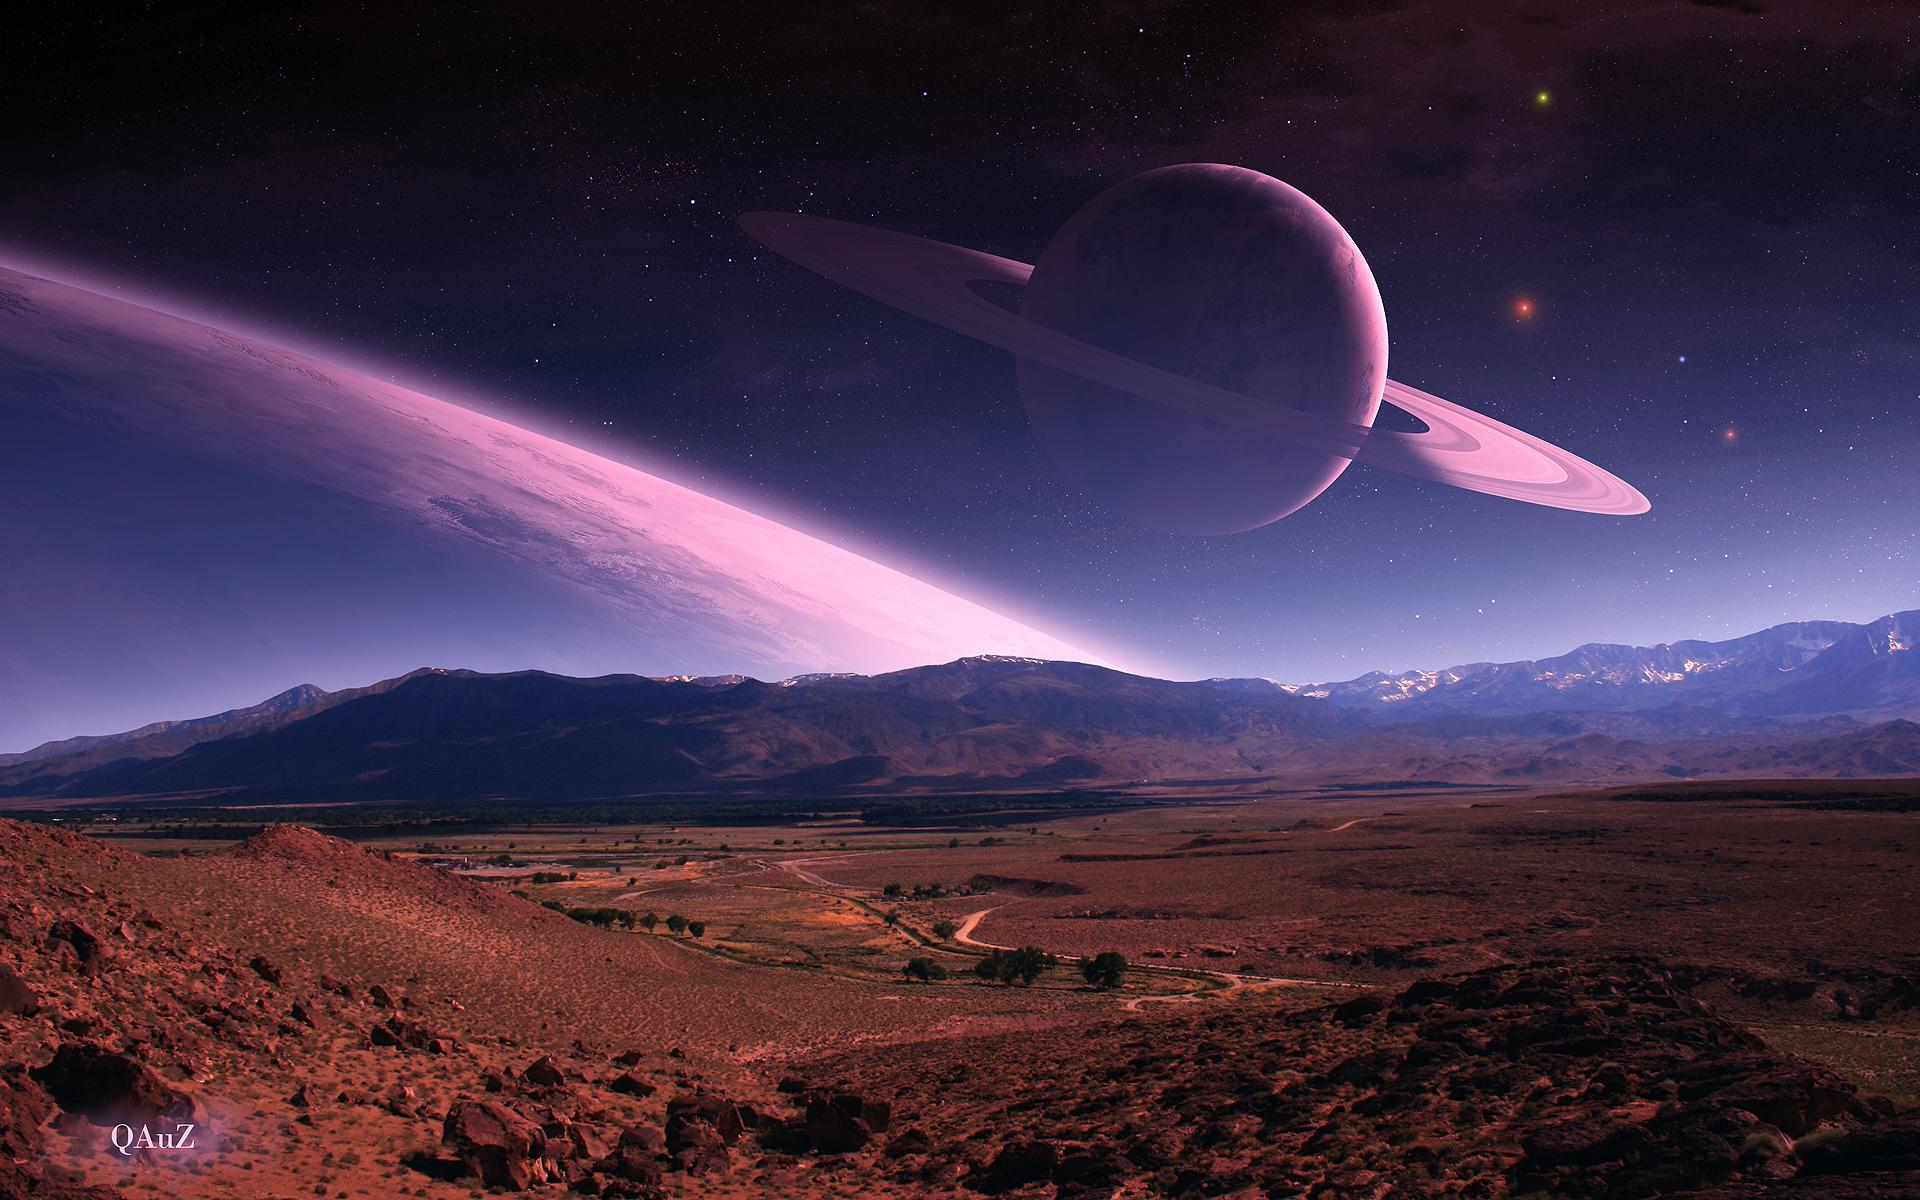 Landscape planet art